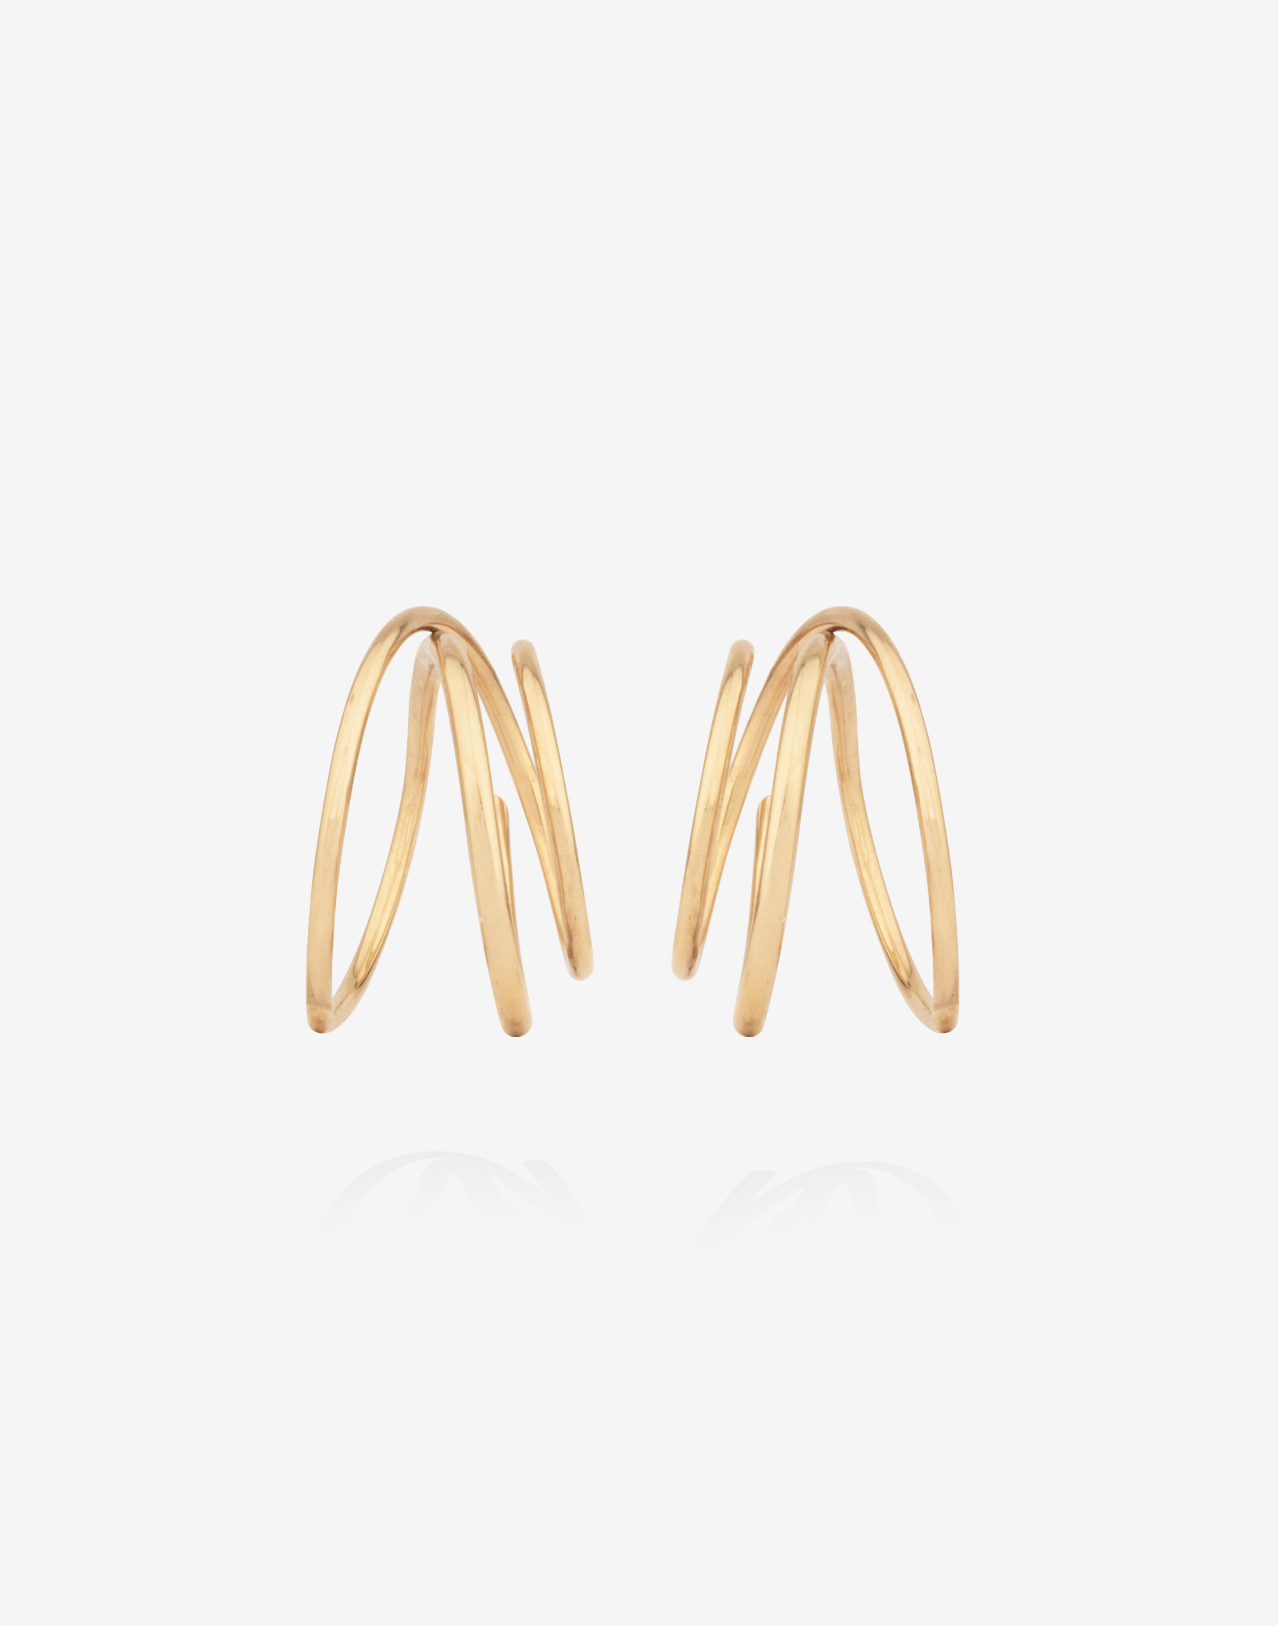 Completedworks-jewellery-S1010-PAIR-Earring-1-1.jpg